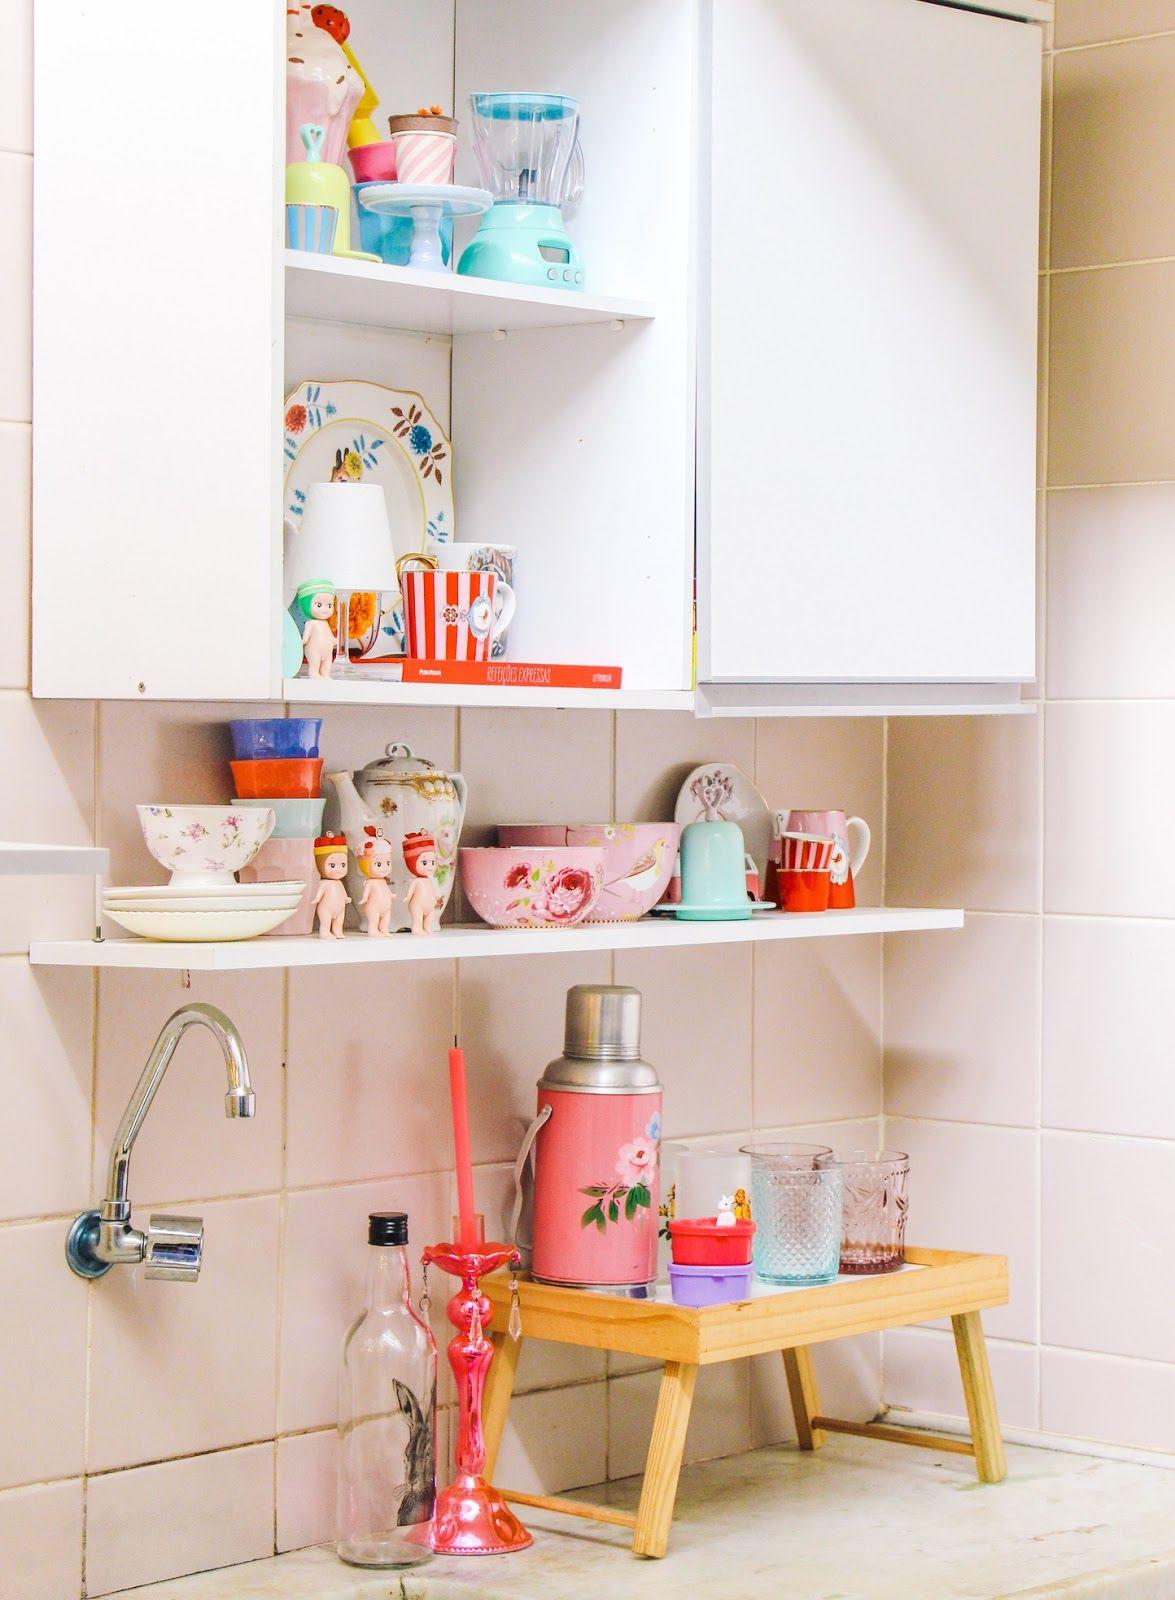 Quer dar o toque vintage em sua cozinha simples? Abuse desses itens retrô na decoração!